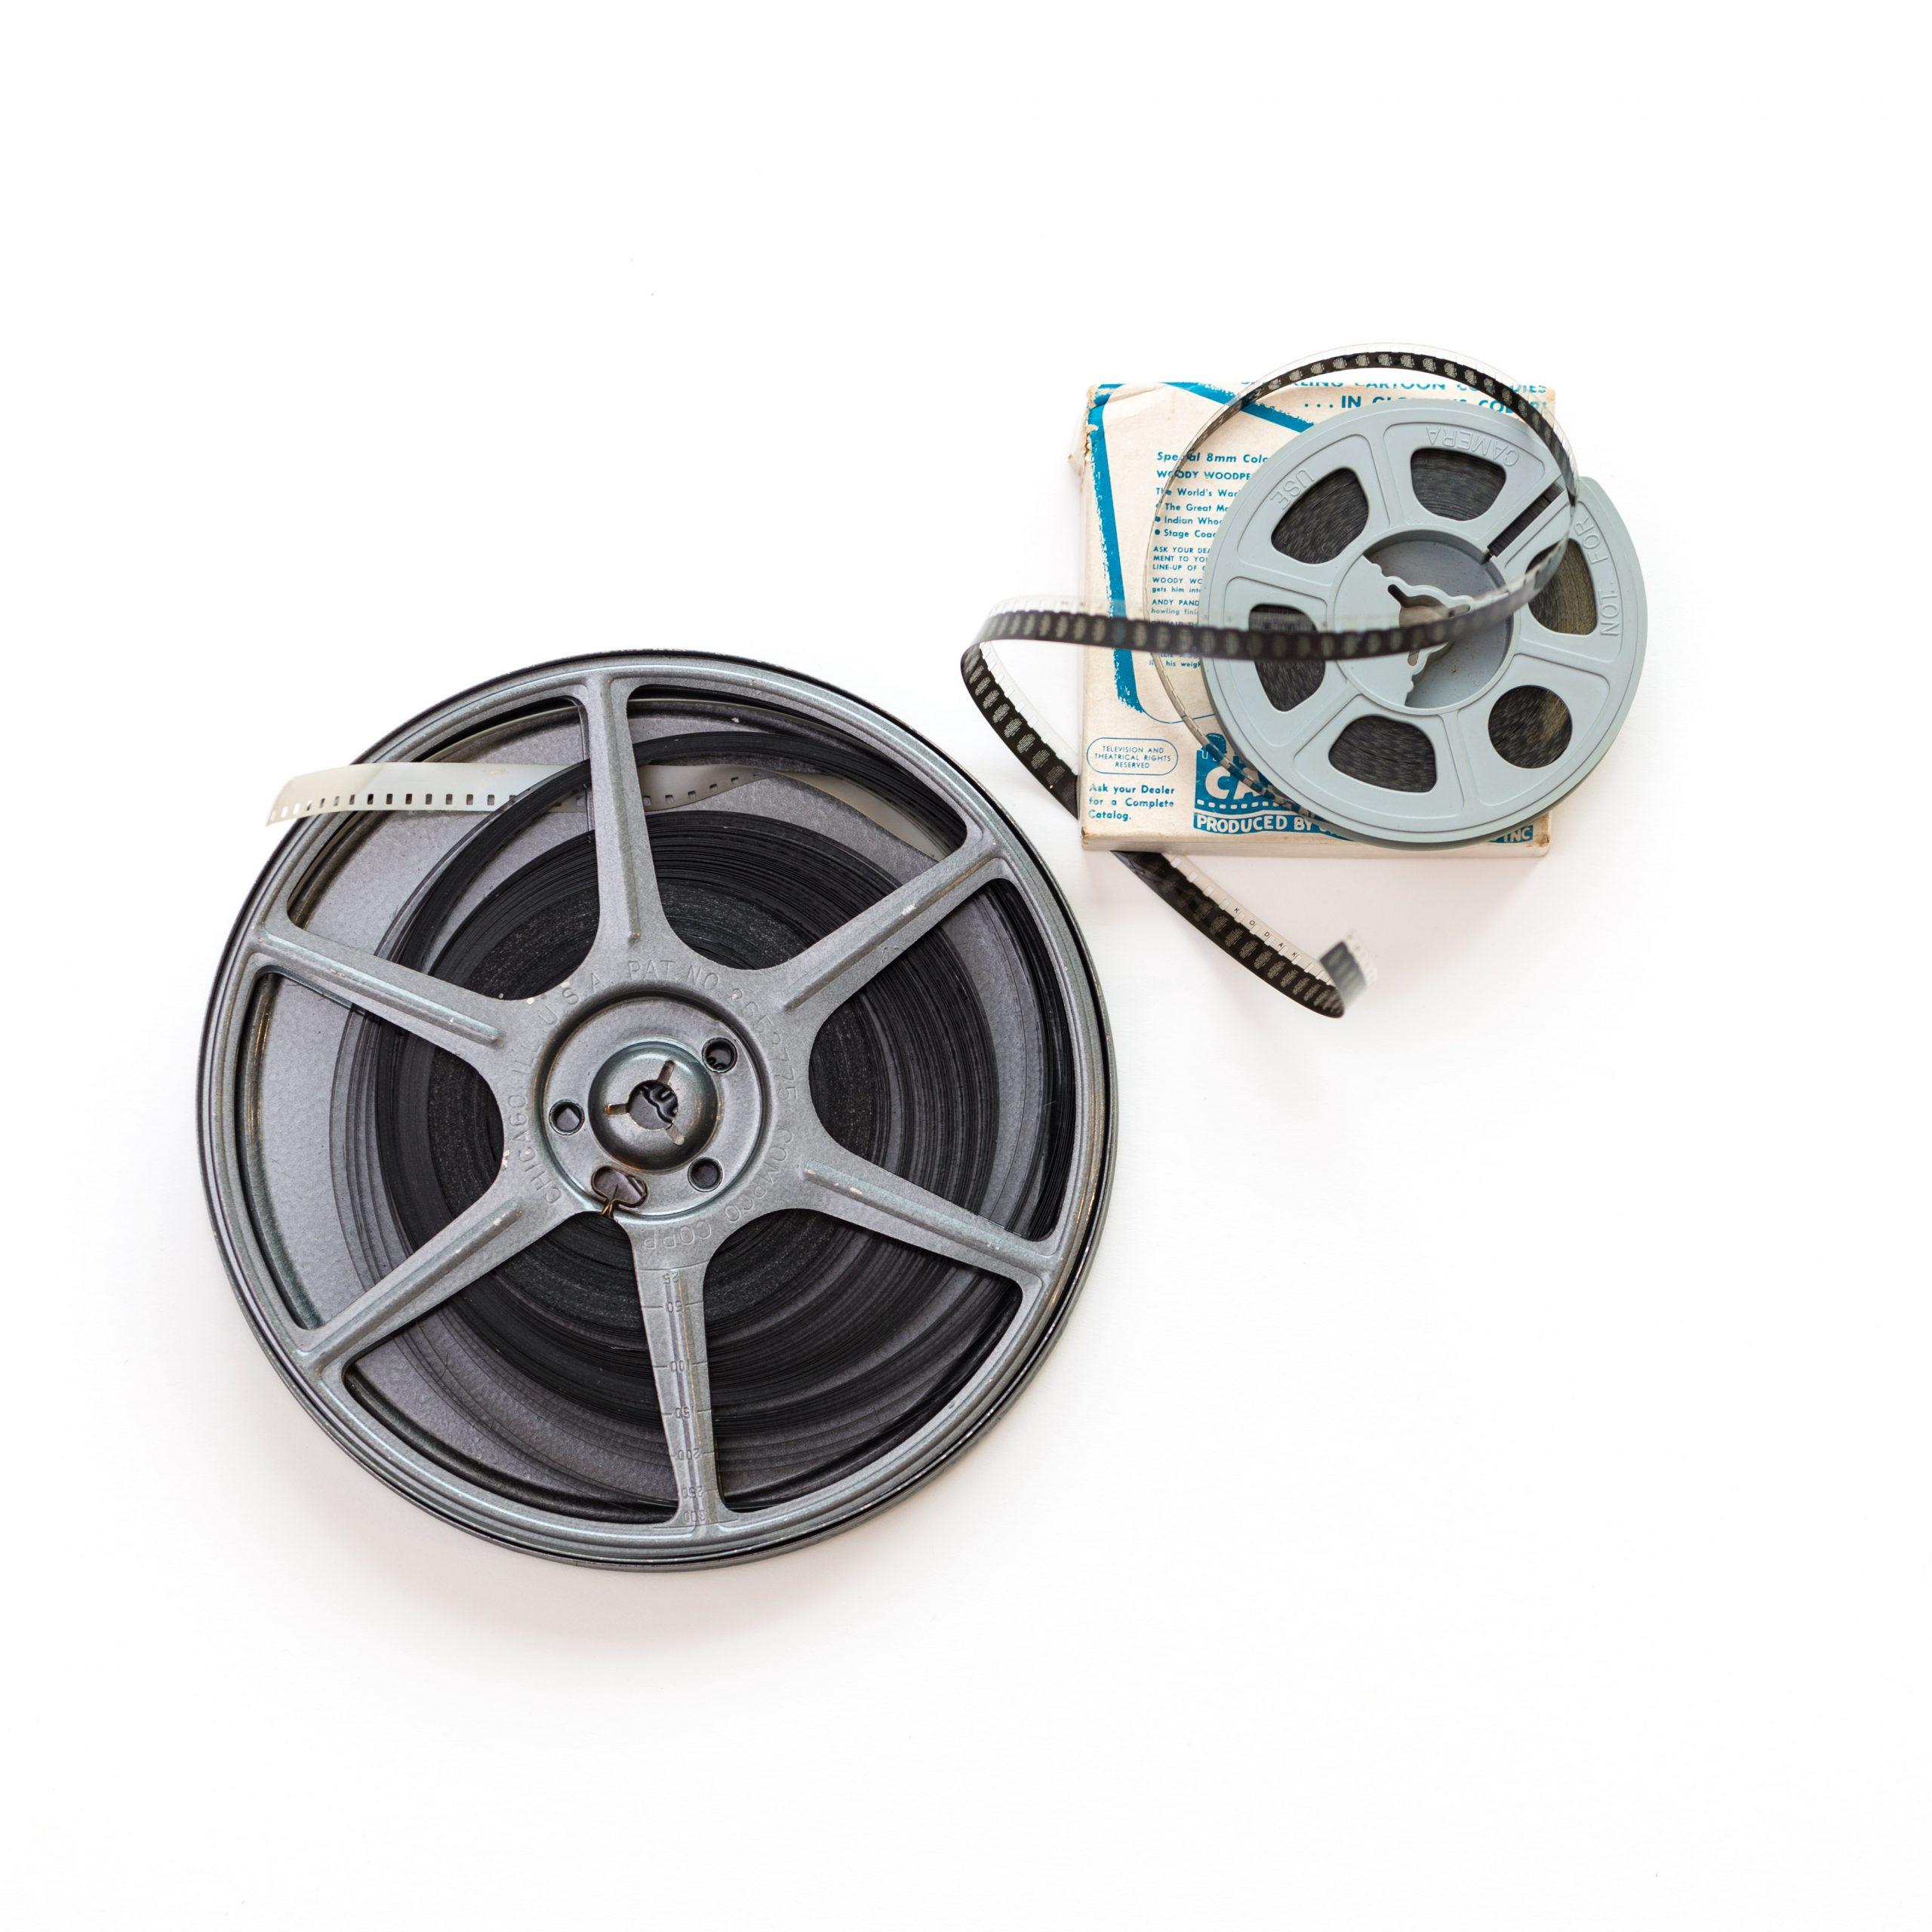 Reel to Reel video transfer